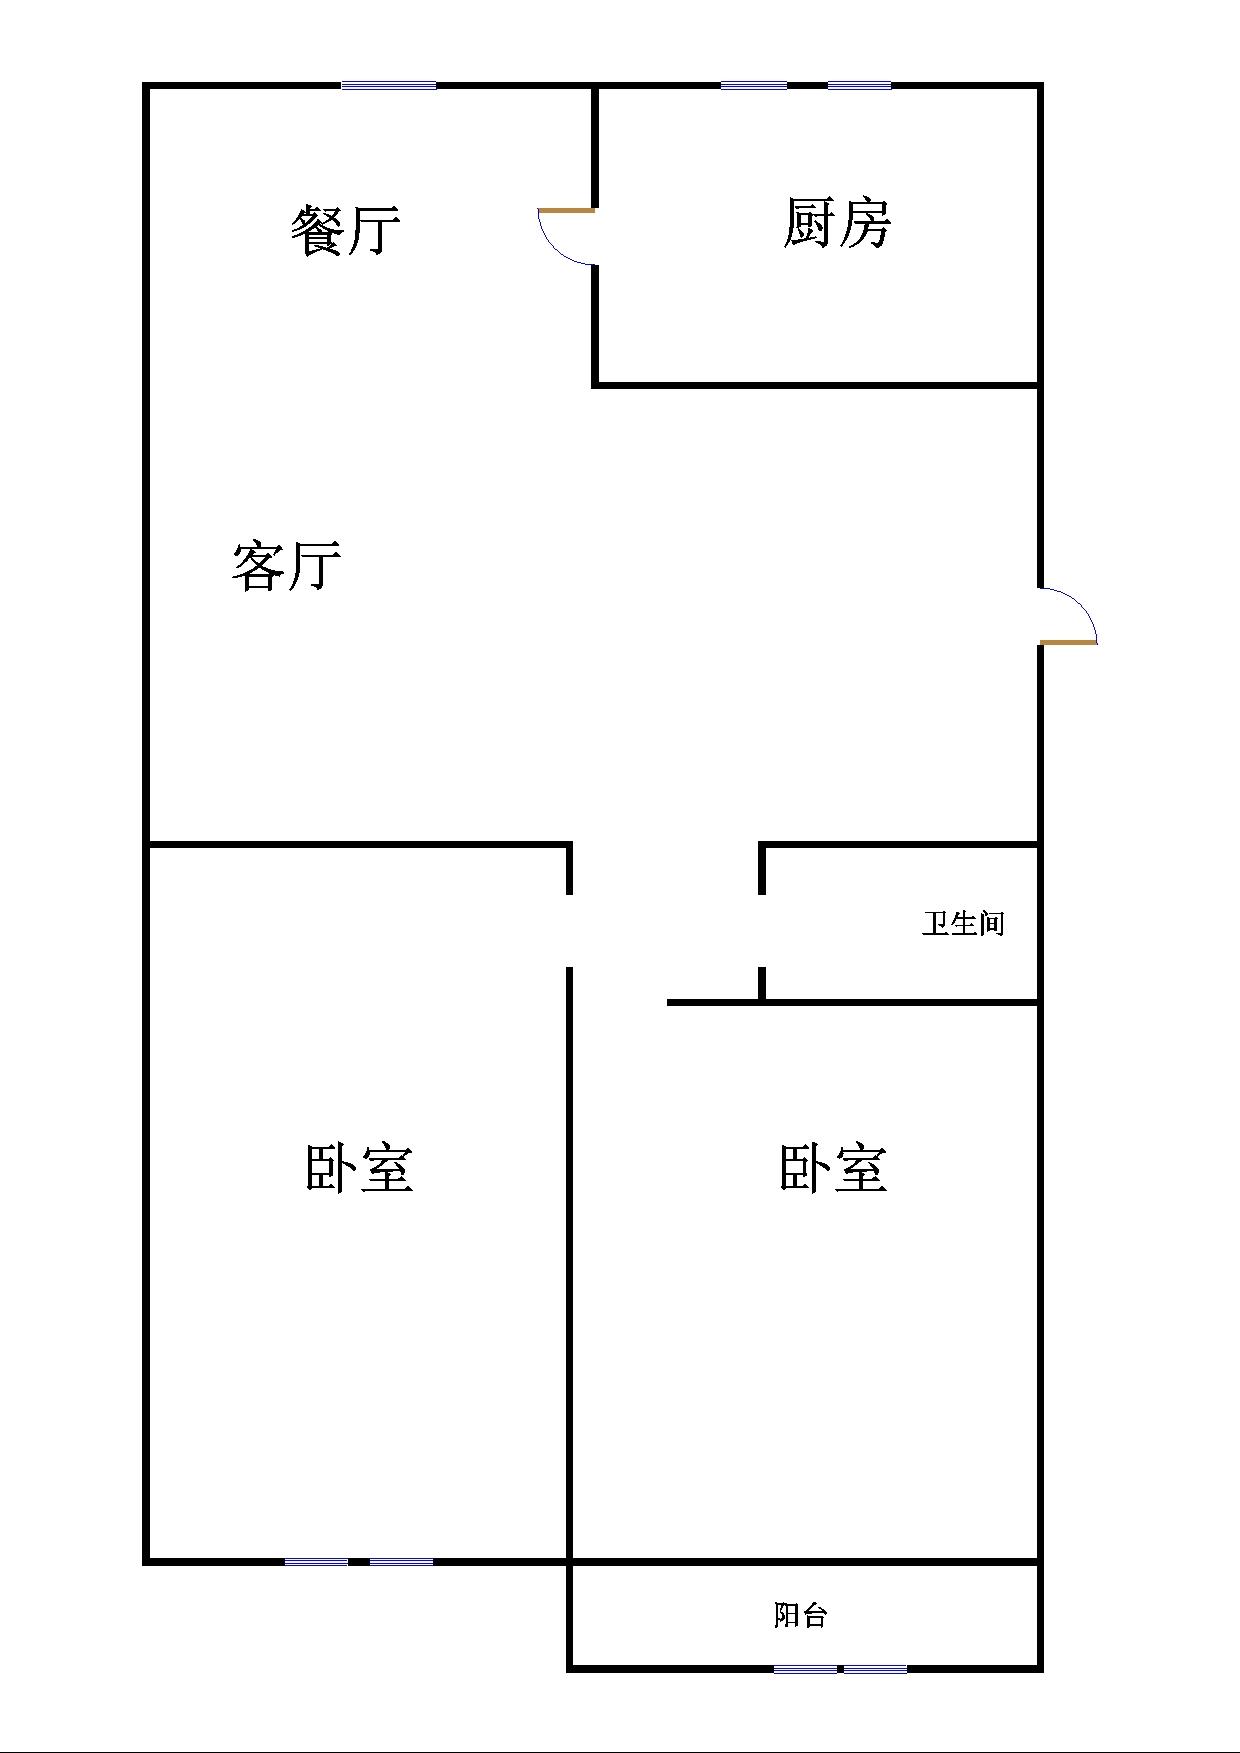 鑫龙家园 2室2厅 双证齐全 简装 95万